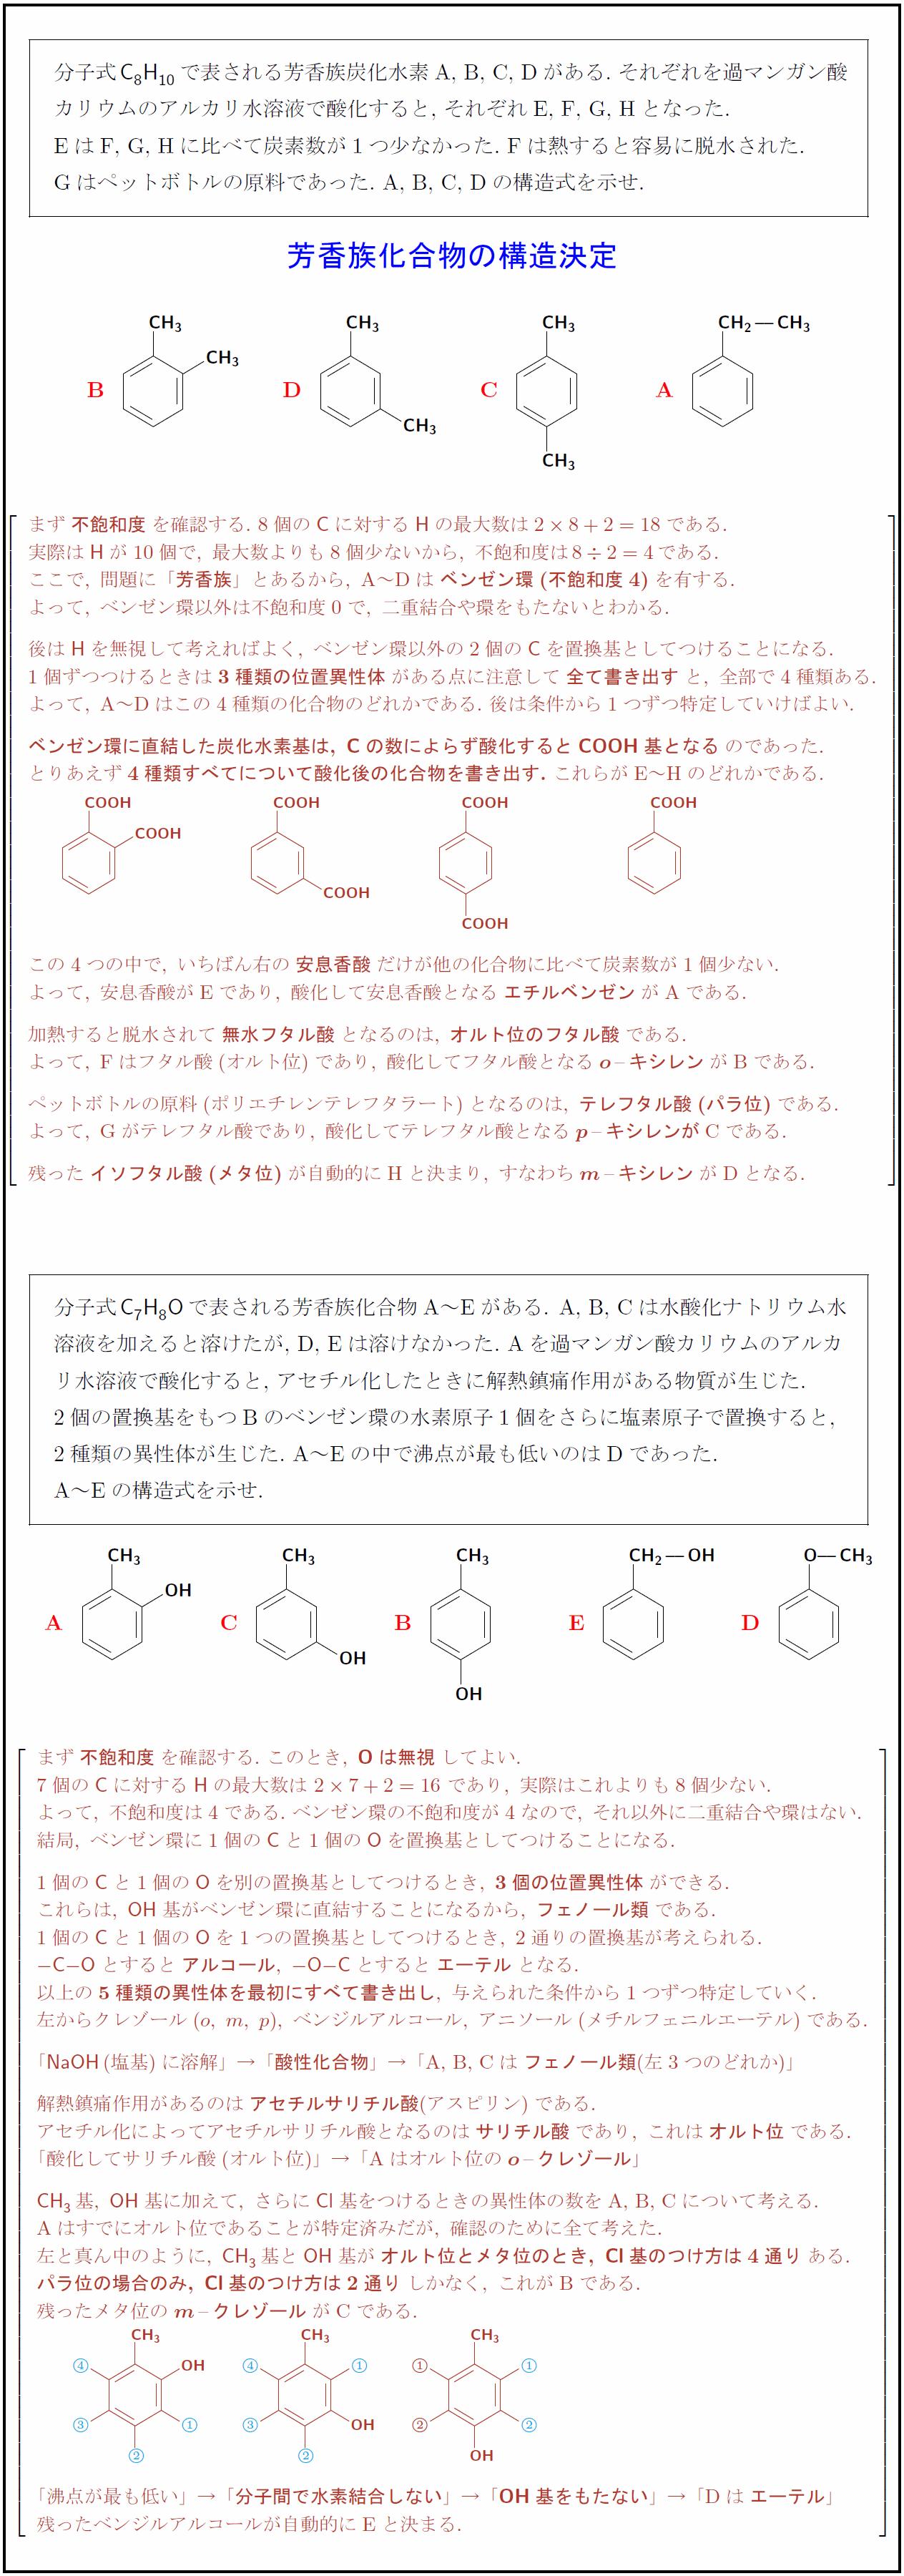 structure-determination